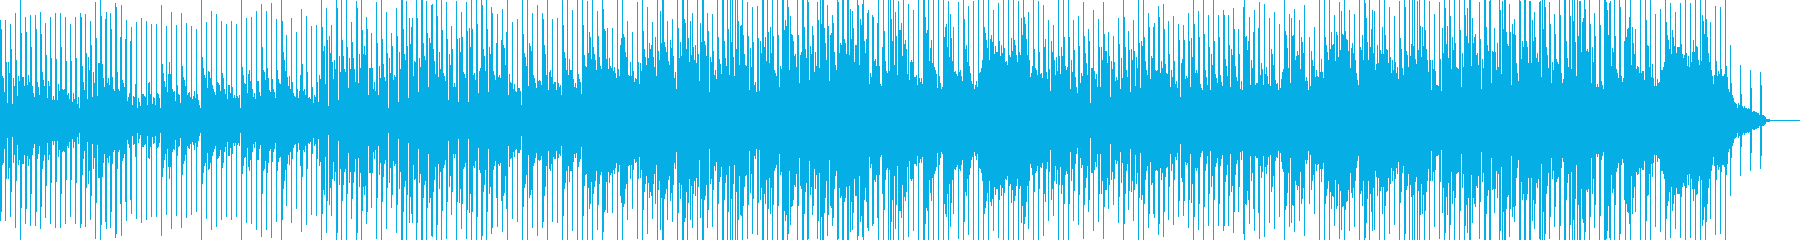 透明感・爽やか・前向き・ポジティブピアノの再生済みの波形